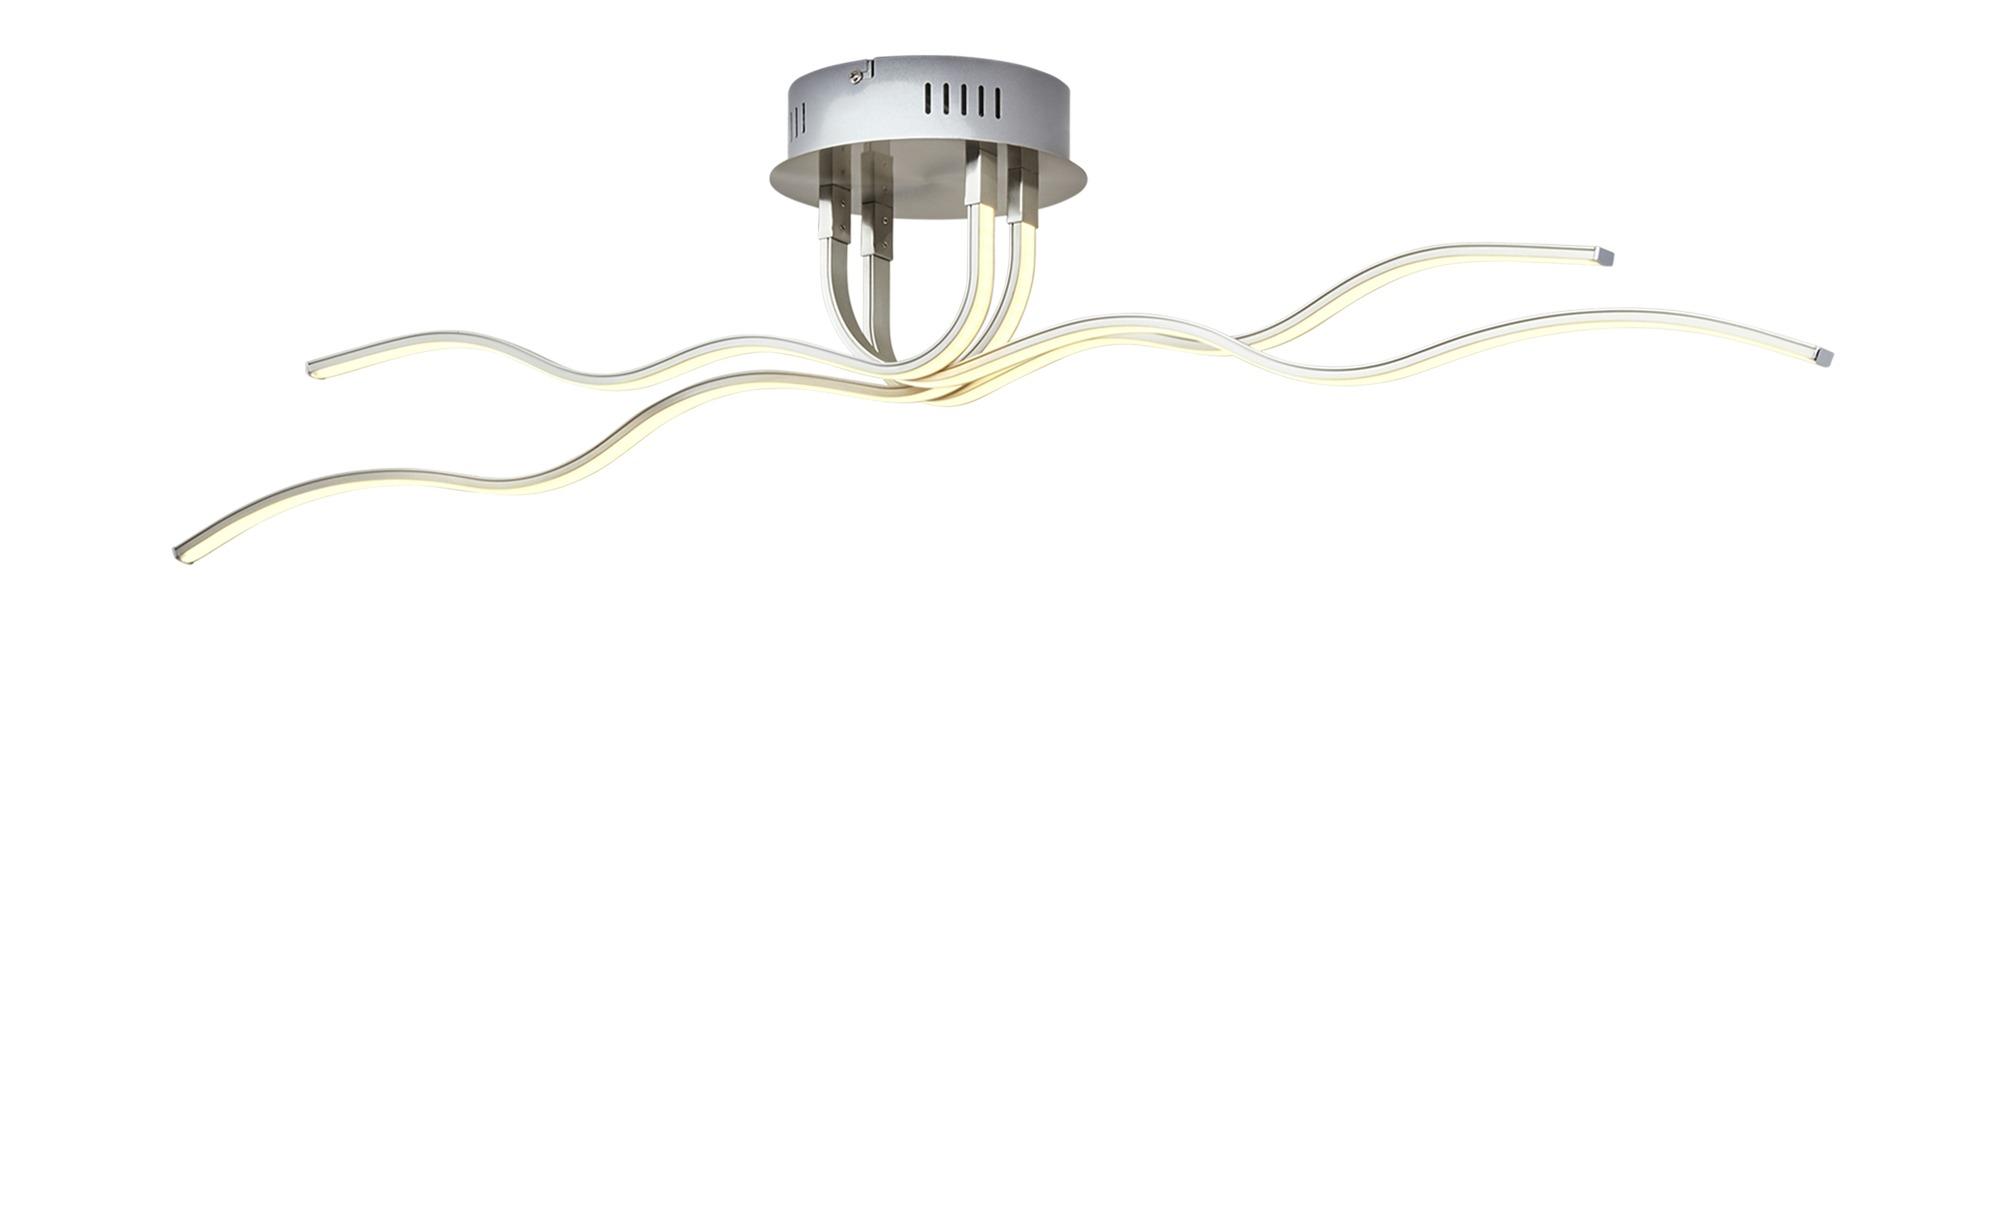 Paul Neuhaus LED-Deckenleuchte, 4-flammig, nickel matt ¦ silber ¦ Maße (cm): B: 113 H: 20 Lampen & Leuchten > Innenleuchten > Deckenleuchten - Höffner